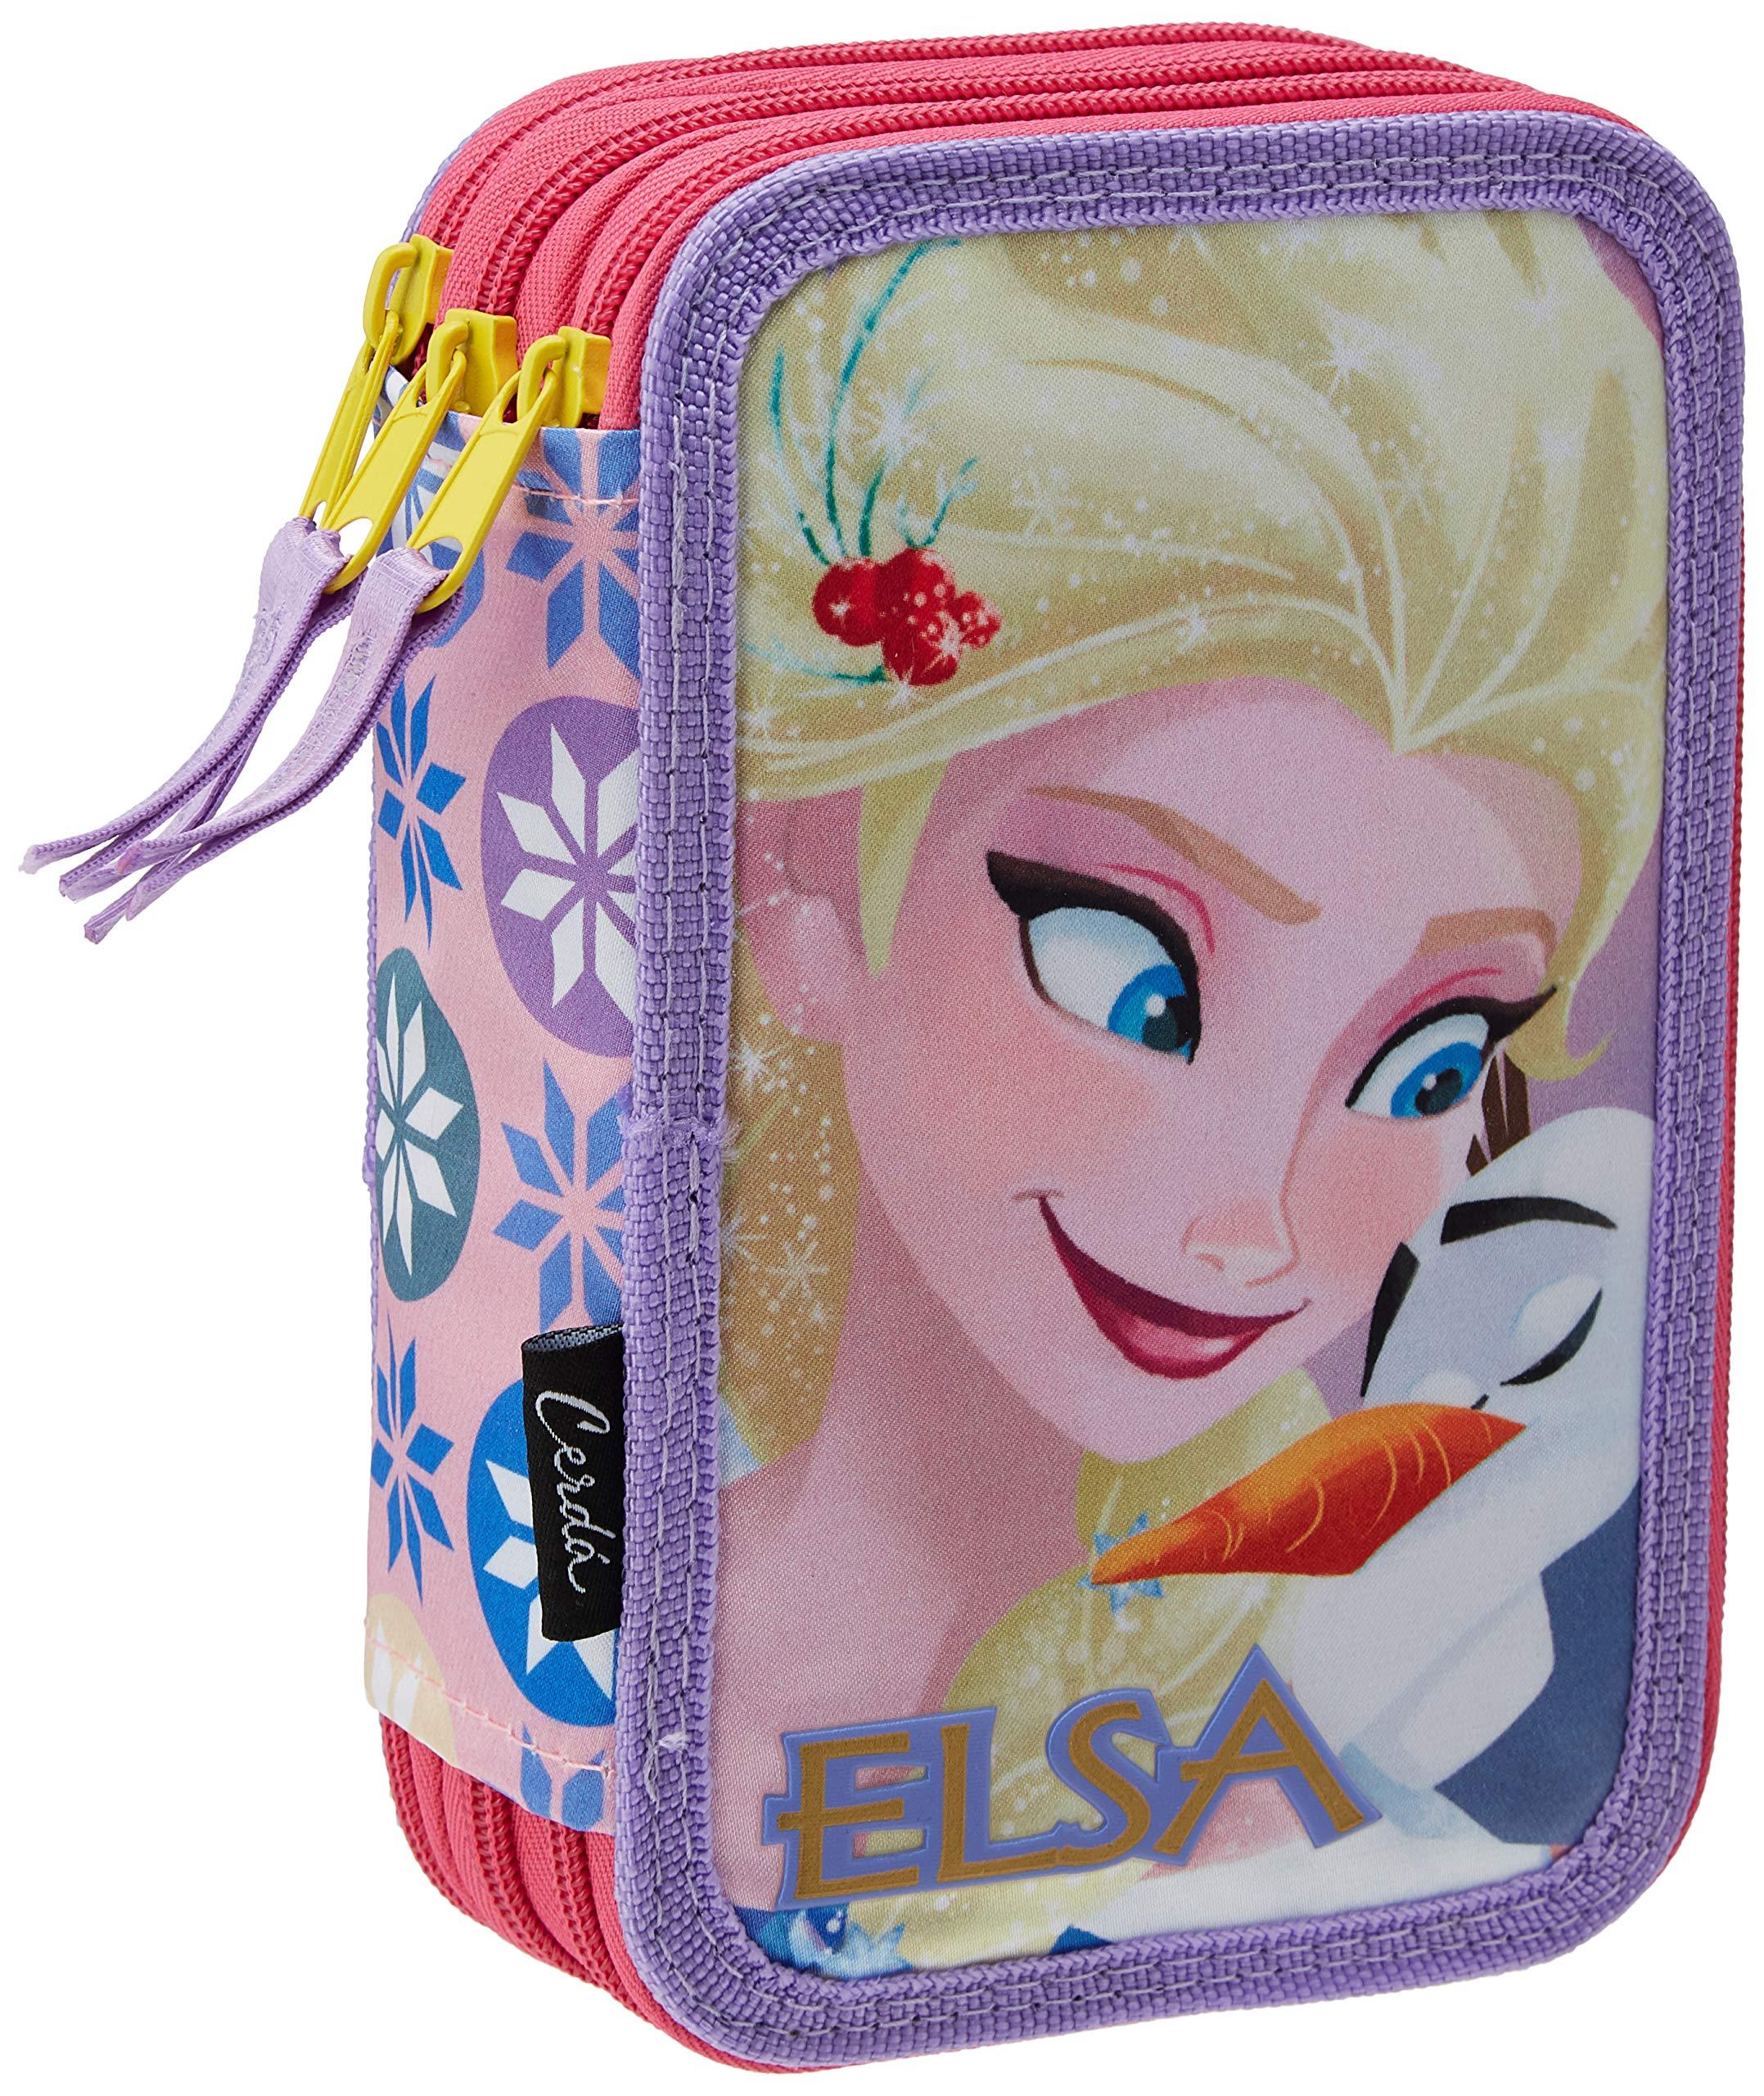 Disney-2700000226 Frozen Plumier, Multicolor, 19 cm (Artesanía Cerdá CD-27-0226)